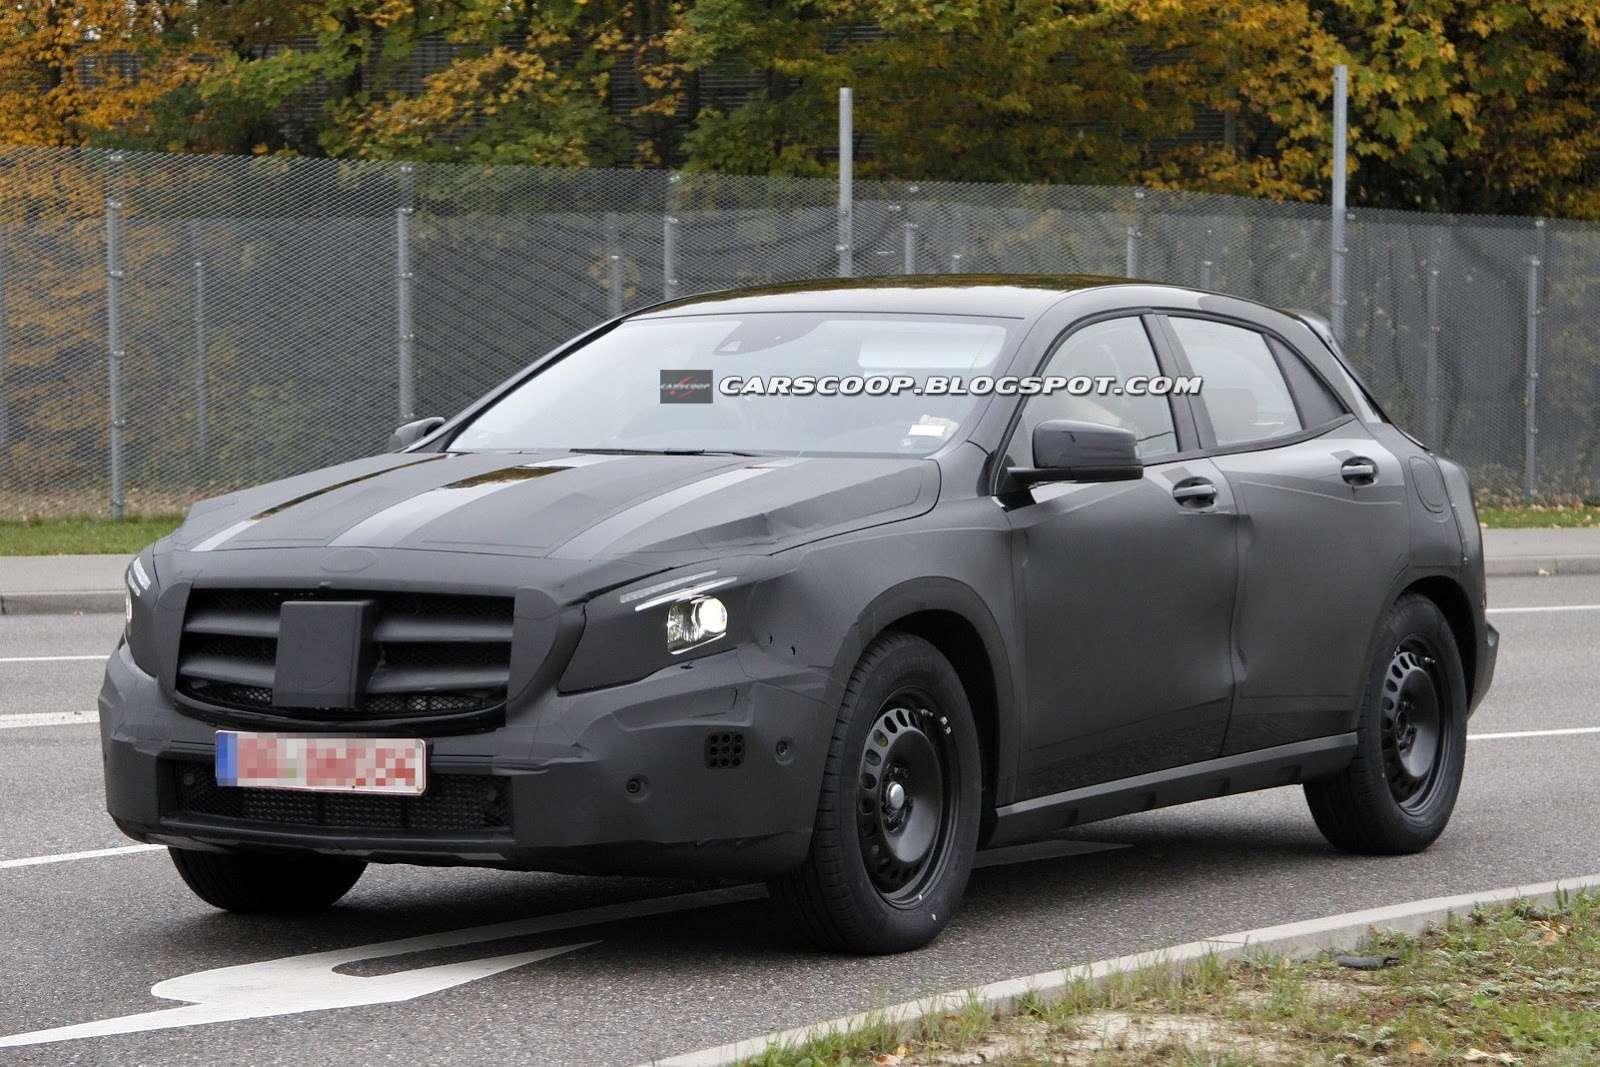 Mercedes GLA 2014 zdjęcia szpiegowskie